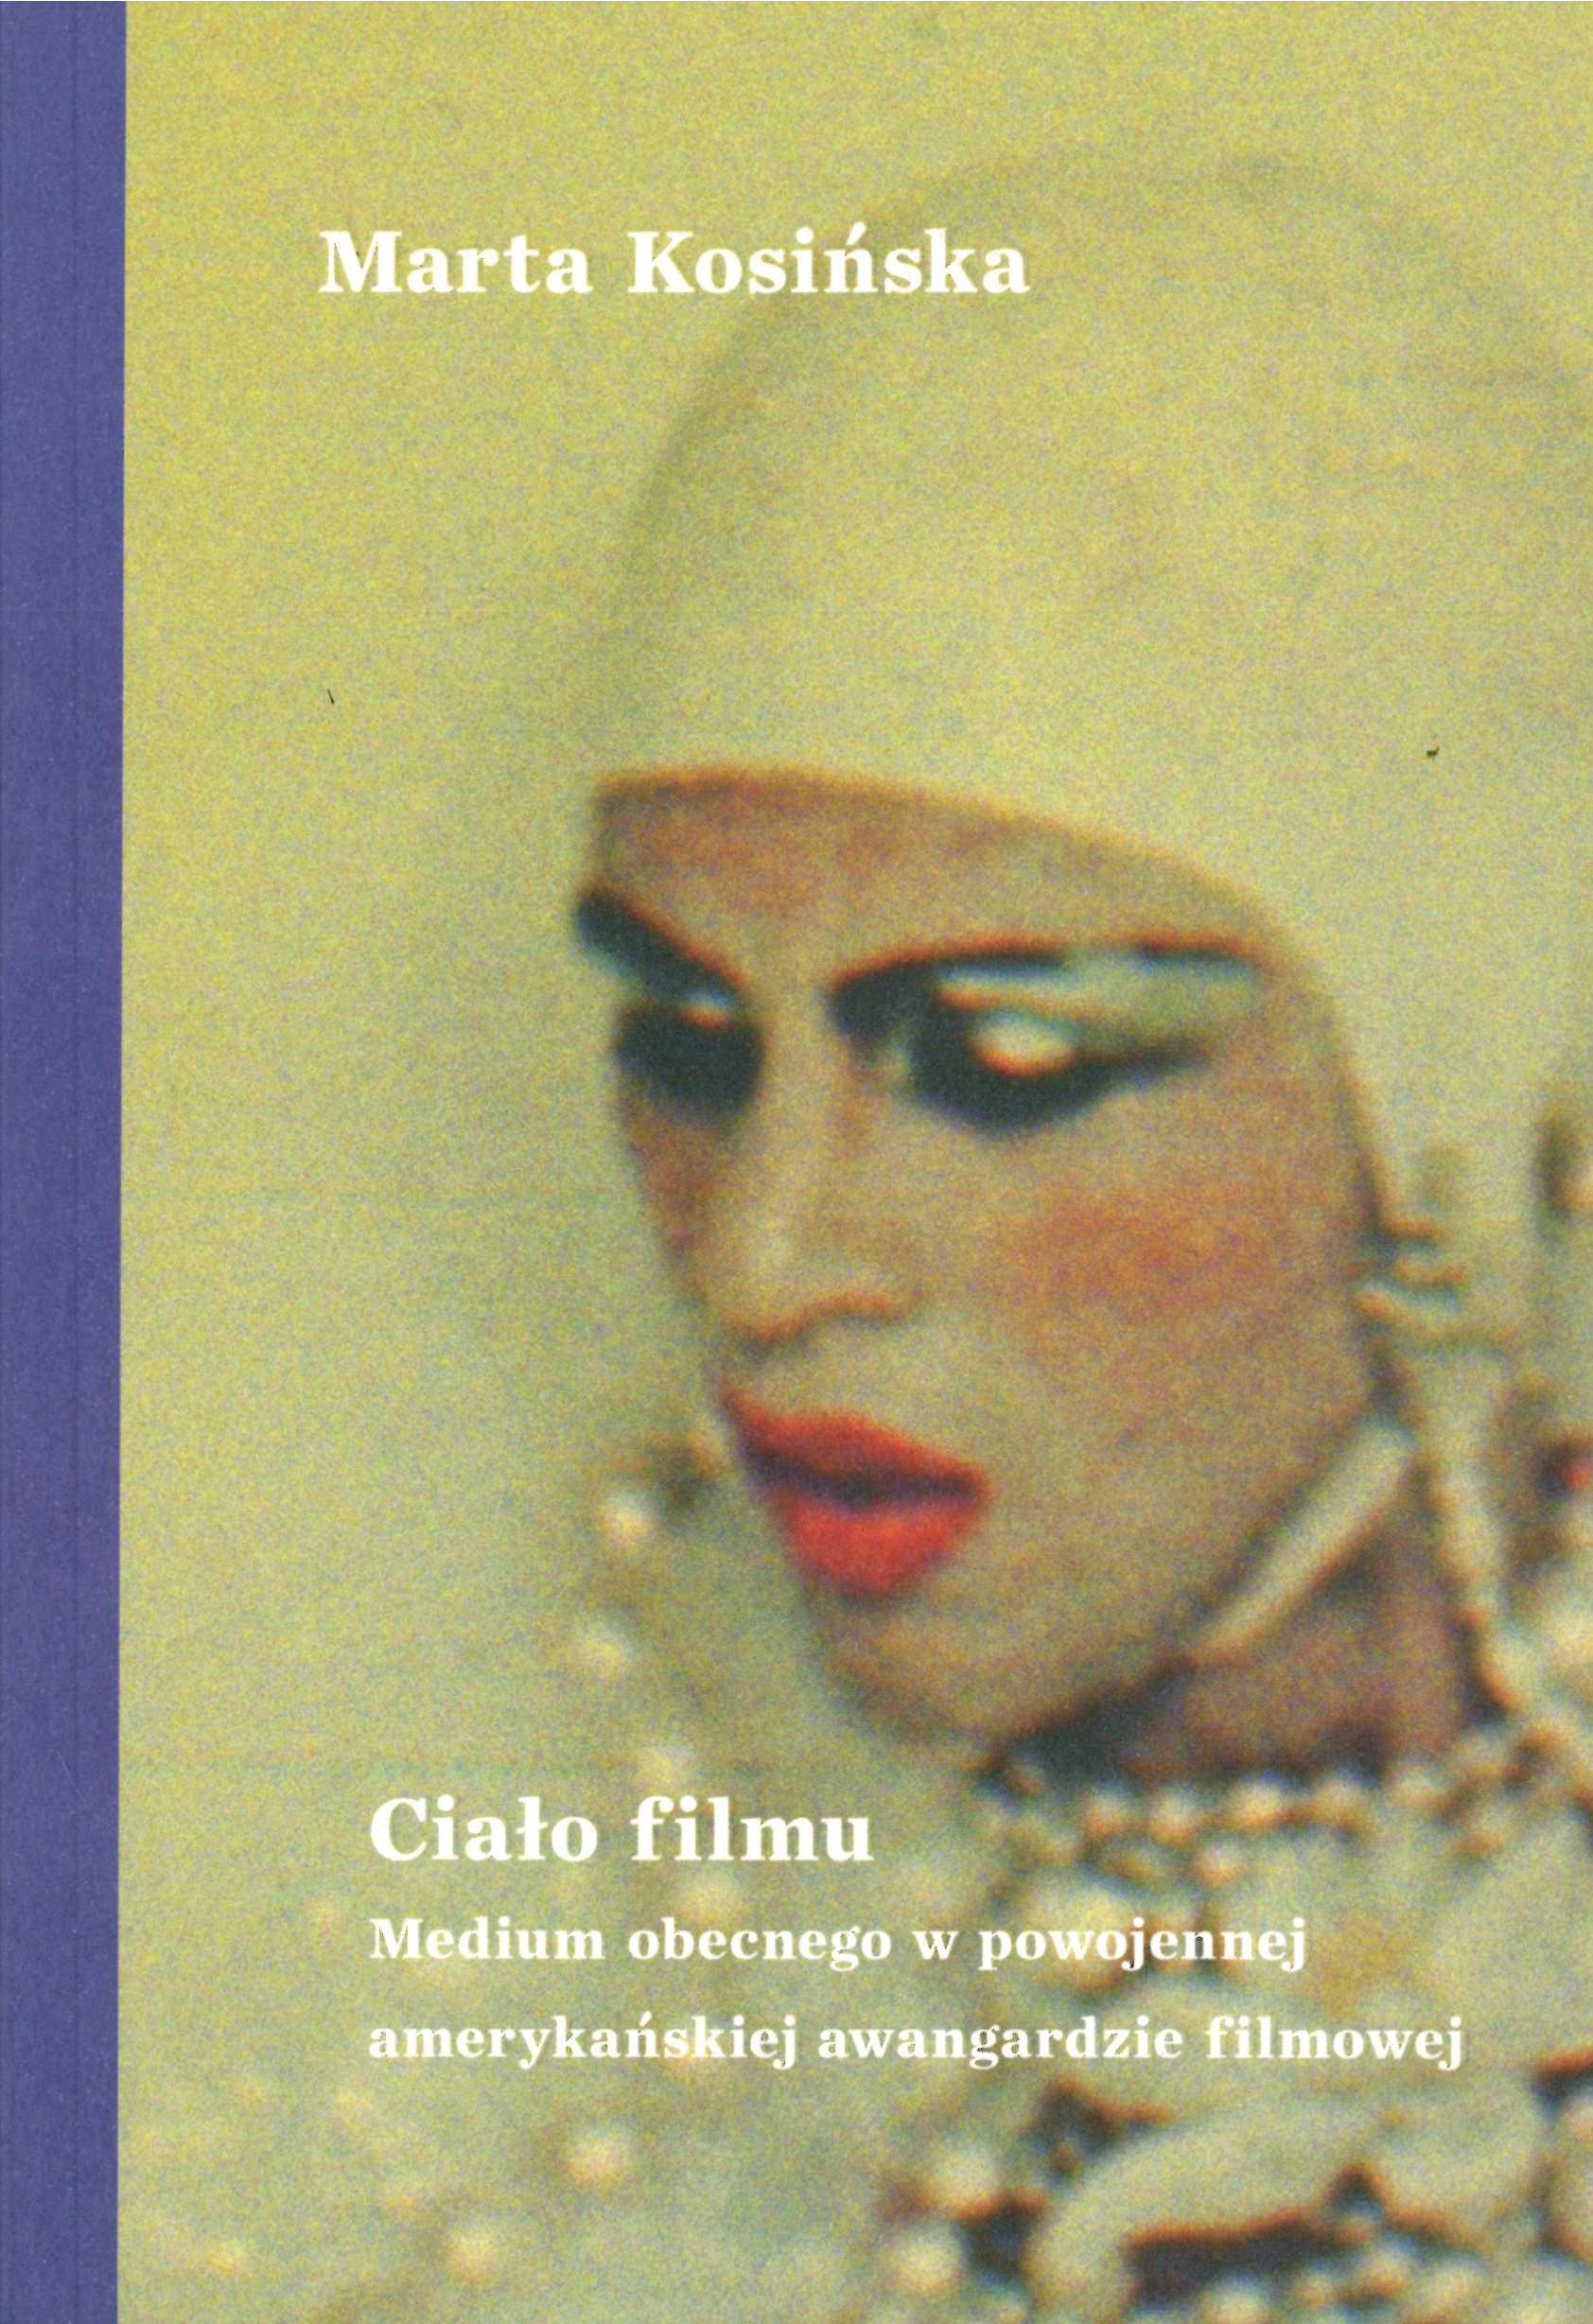 Ciało filmu. Medium obecnego w powojennej amerykańskiej awangardzie - Kulturoznawstwo UAM